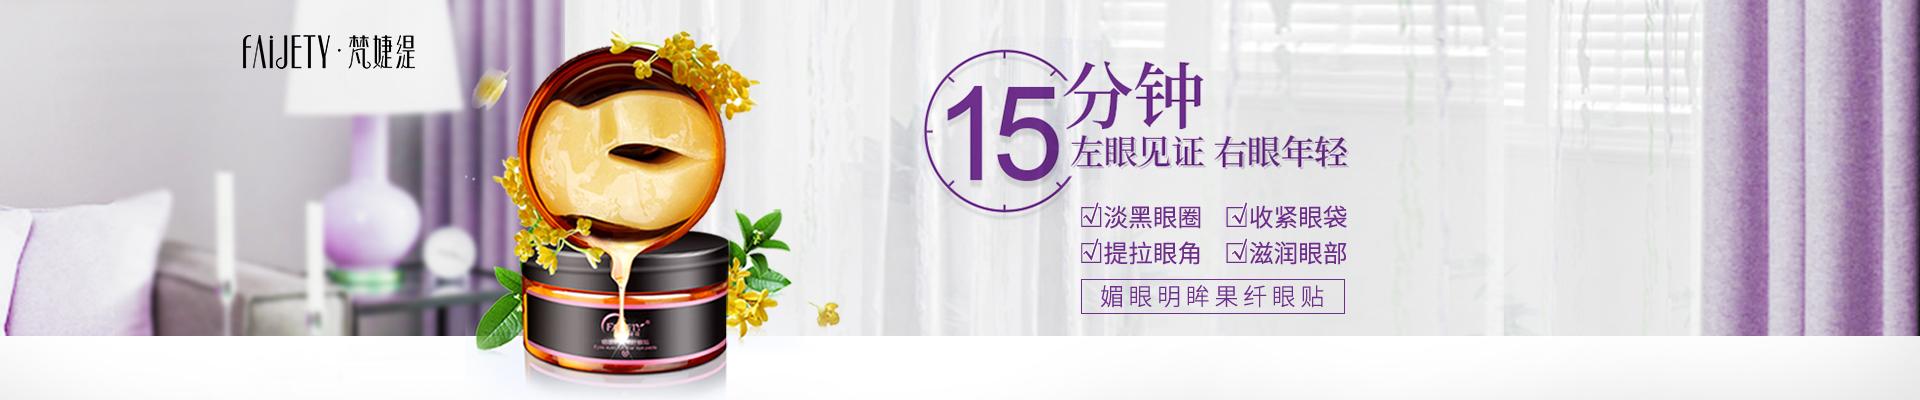 广州玛迪珈生物技术有限公司公司介绍